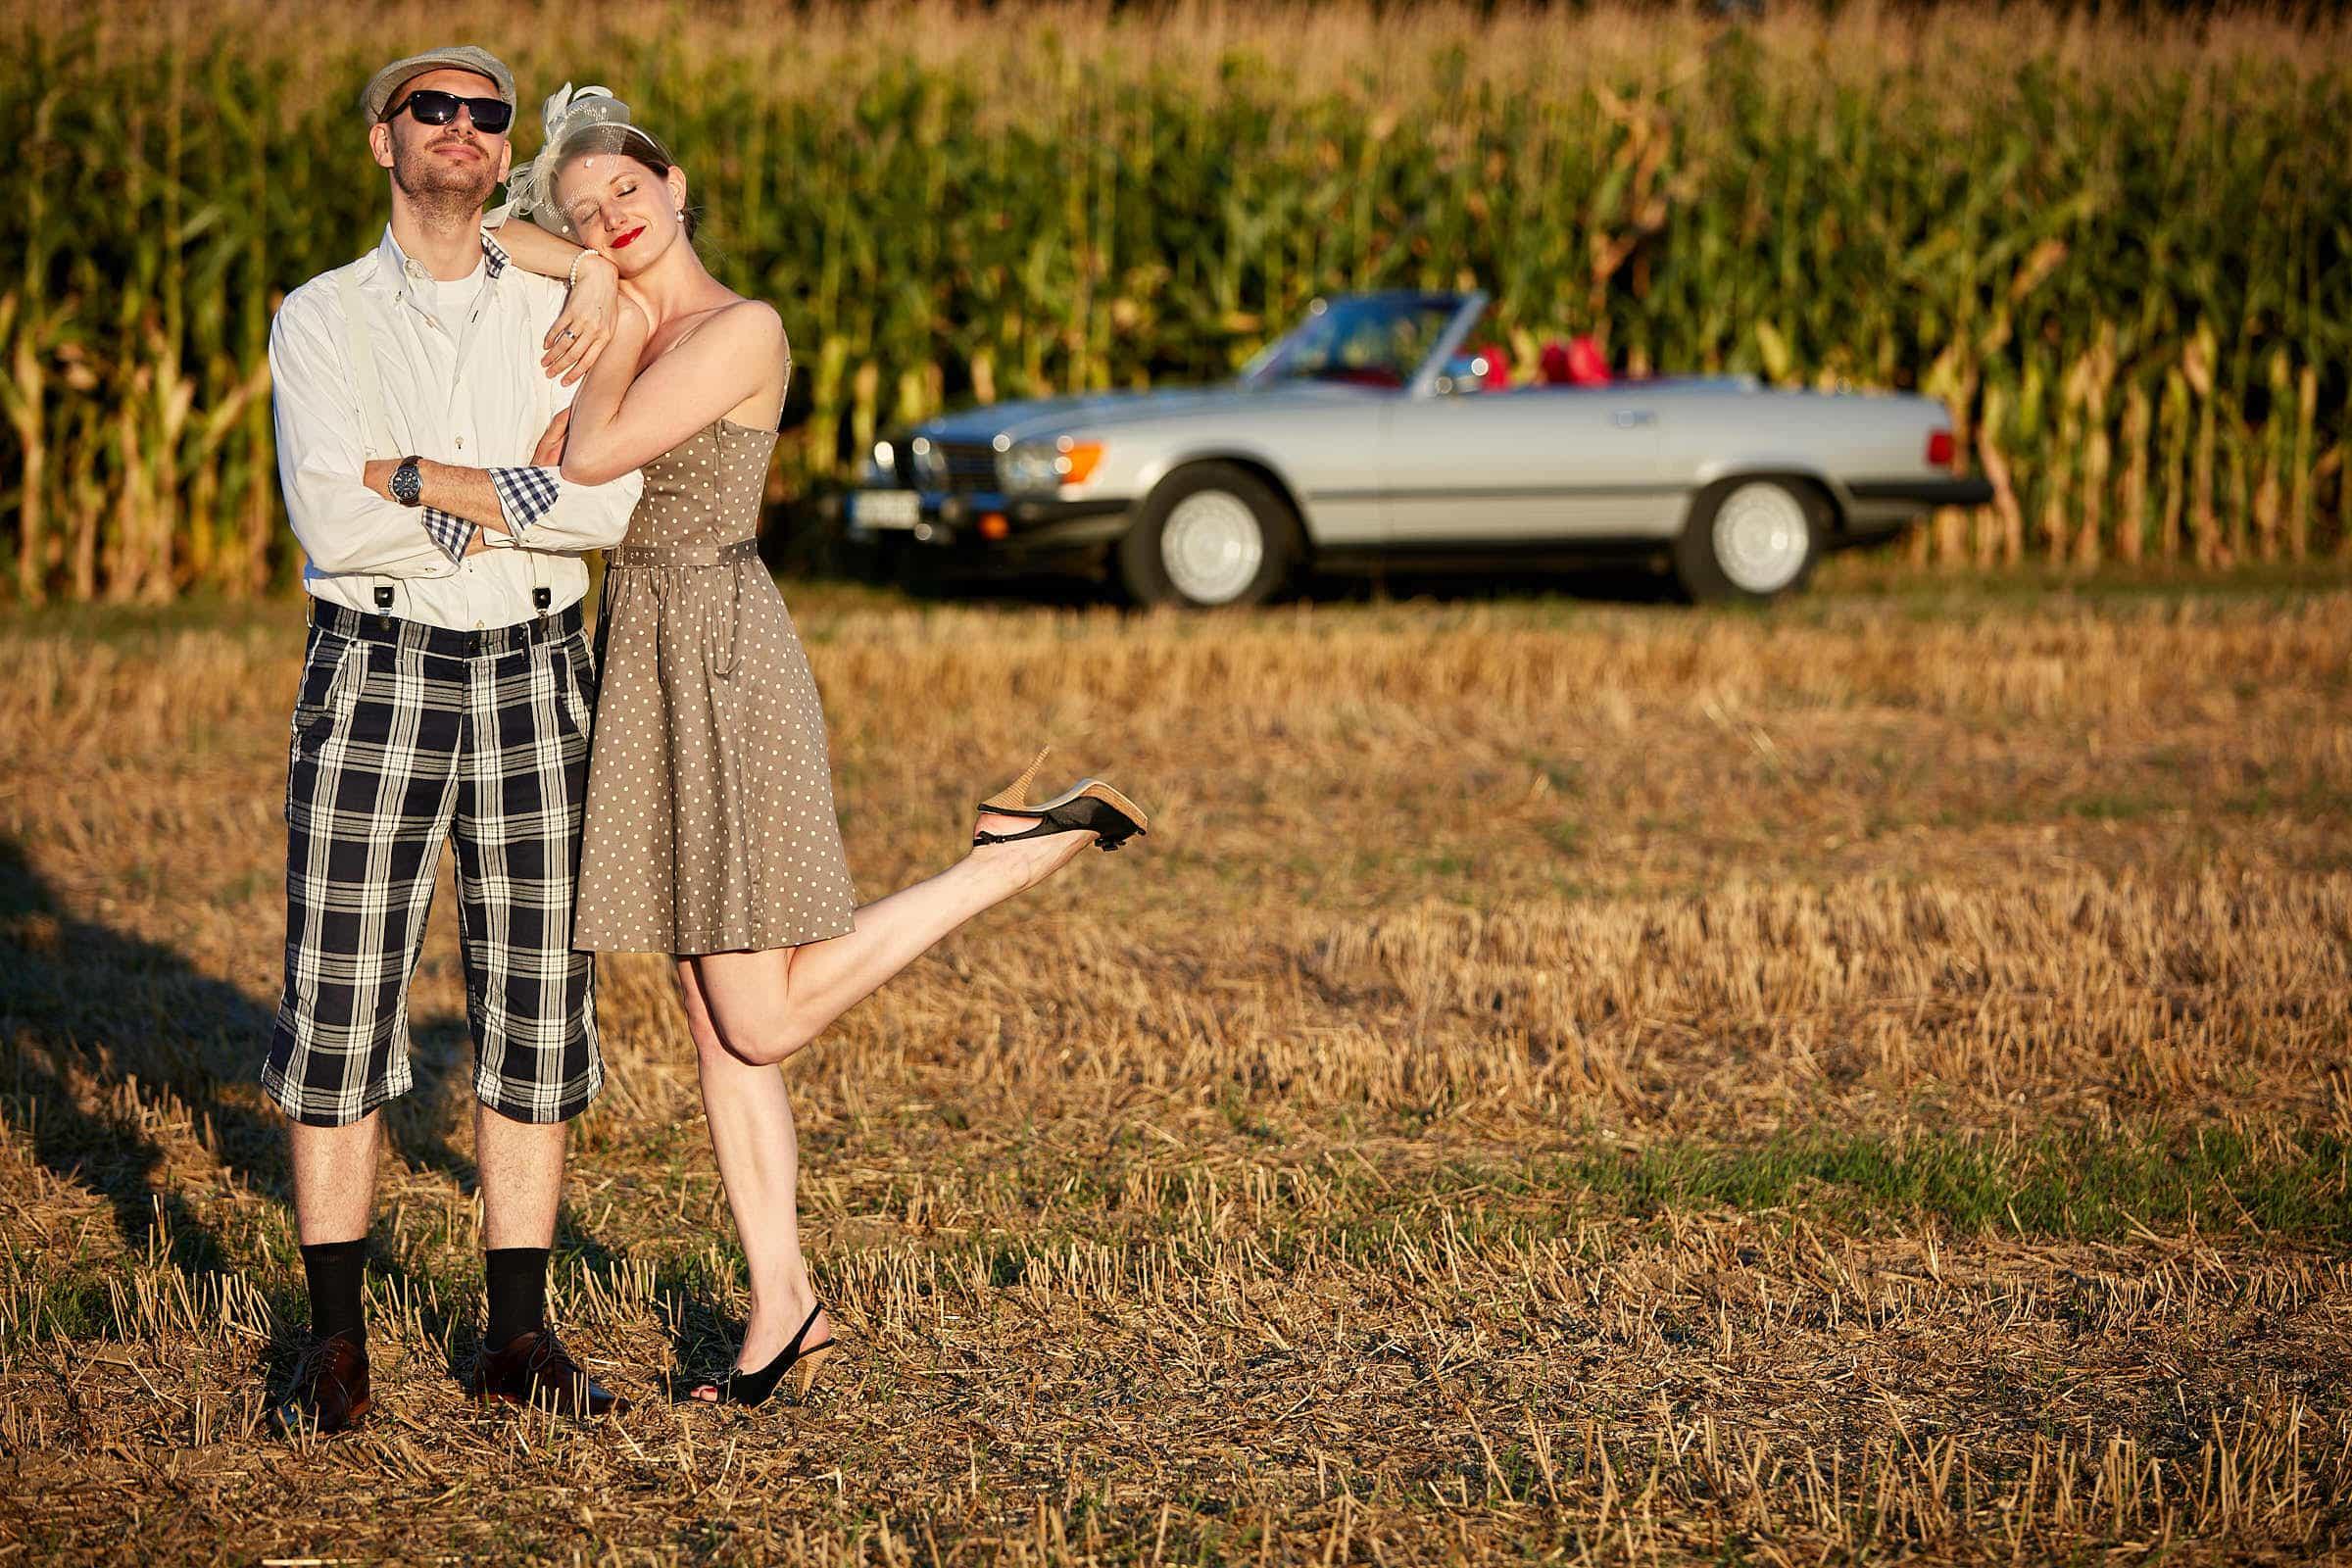 After-Wedding-Shooting in Industrieromantik und Brautkleid Ein Hochzeitspaar steht verträumt auf einem Getreidefeld und schaut in die untergehende Sonne.